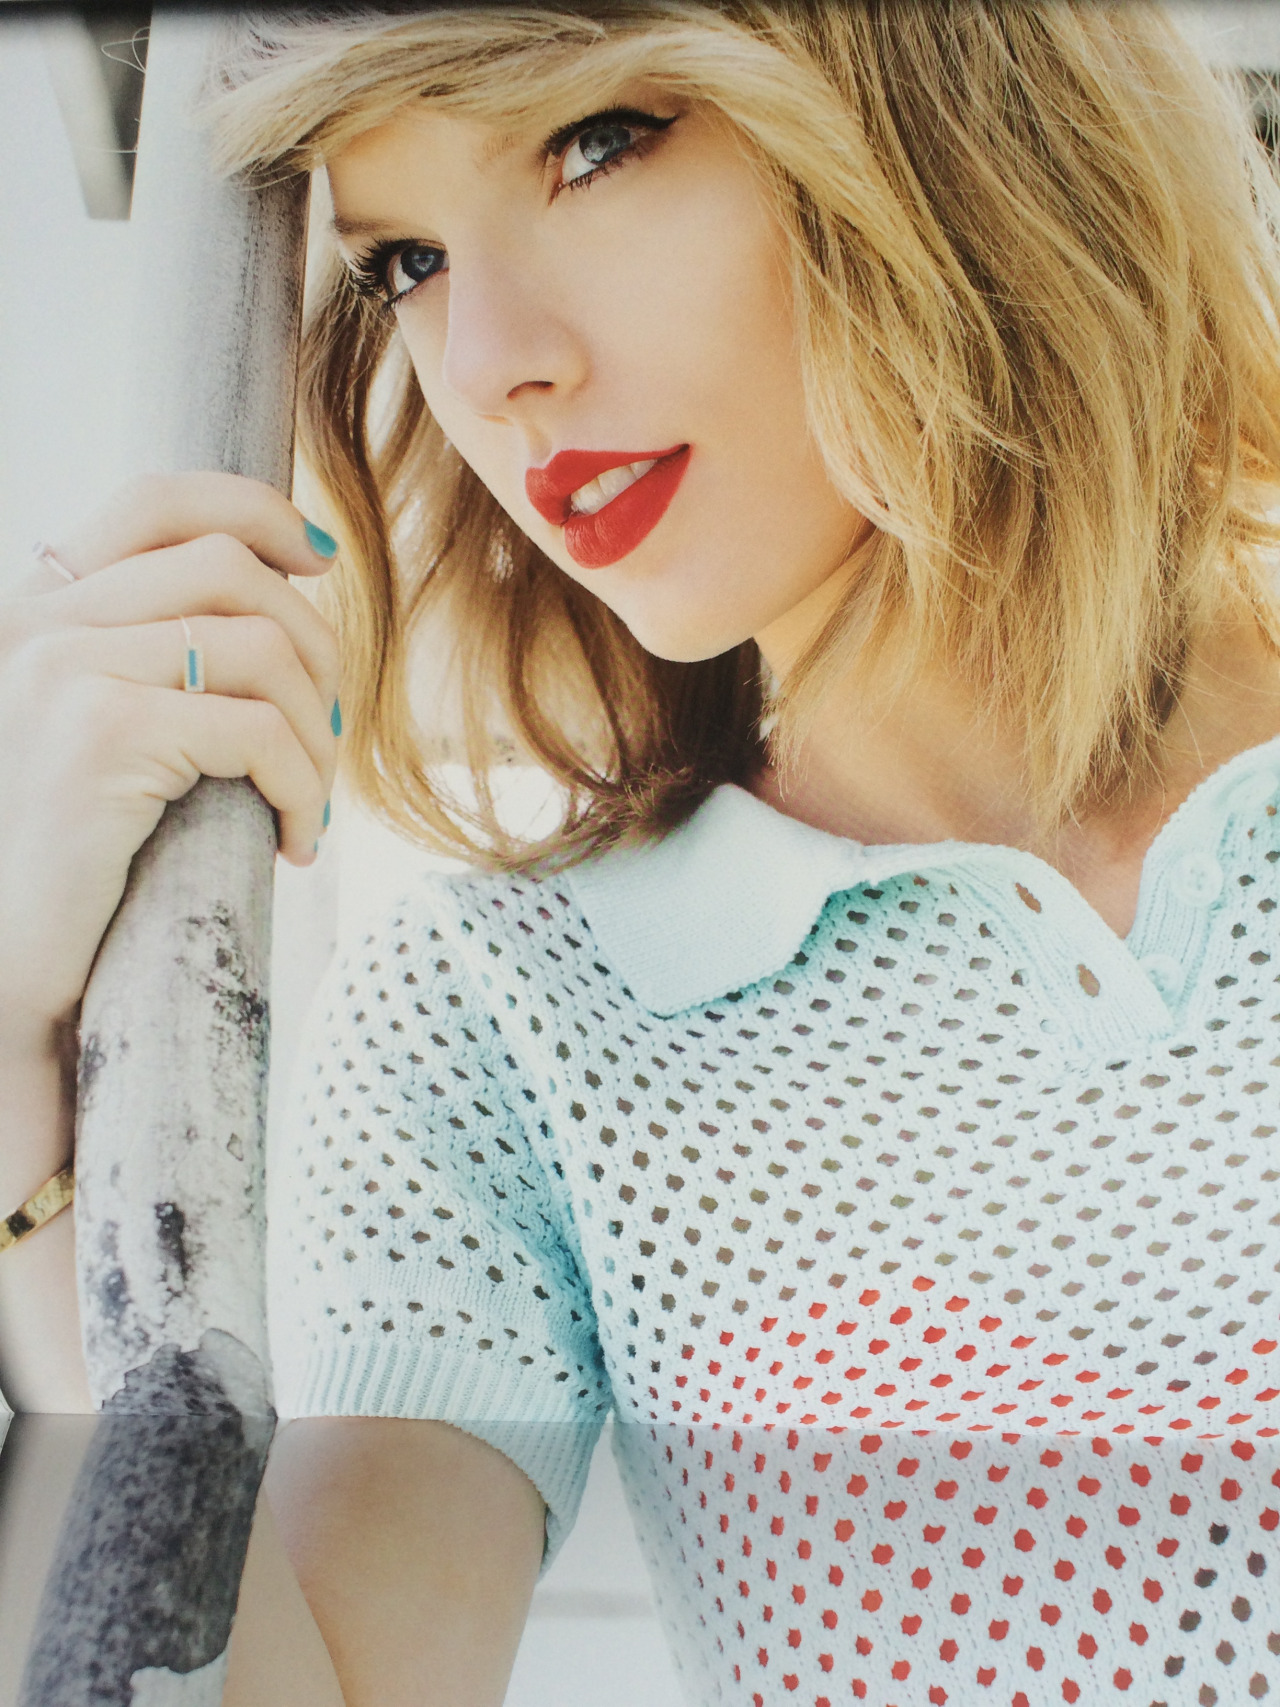 Taylor Swift Official Calendar 2016 04 Gotceleb